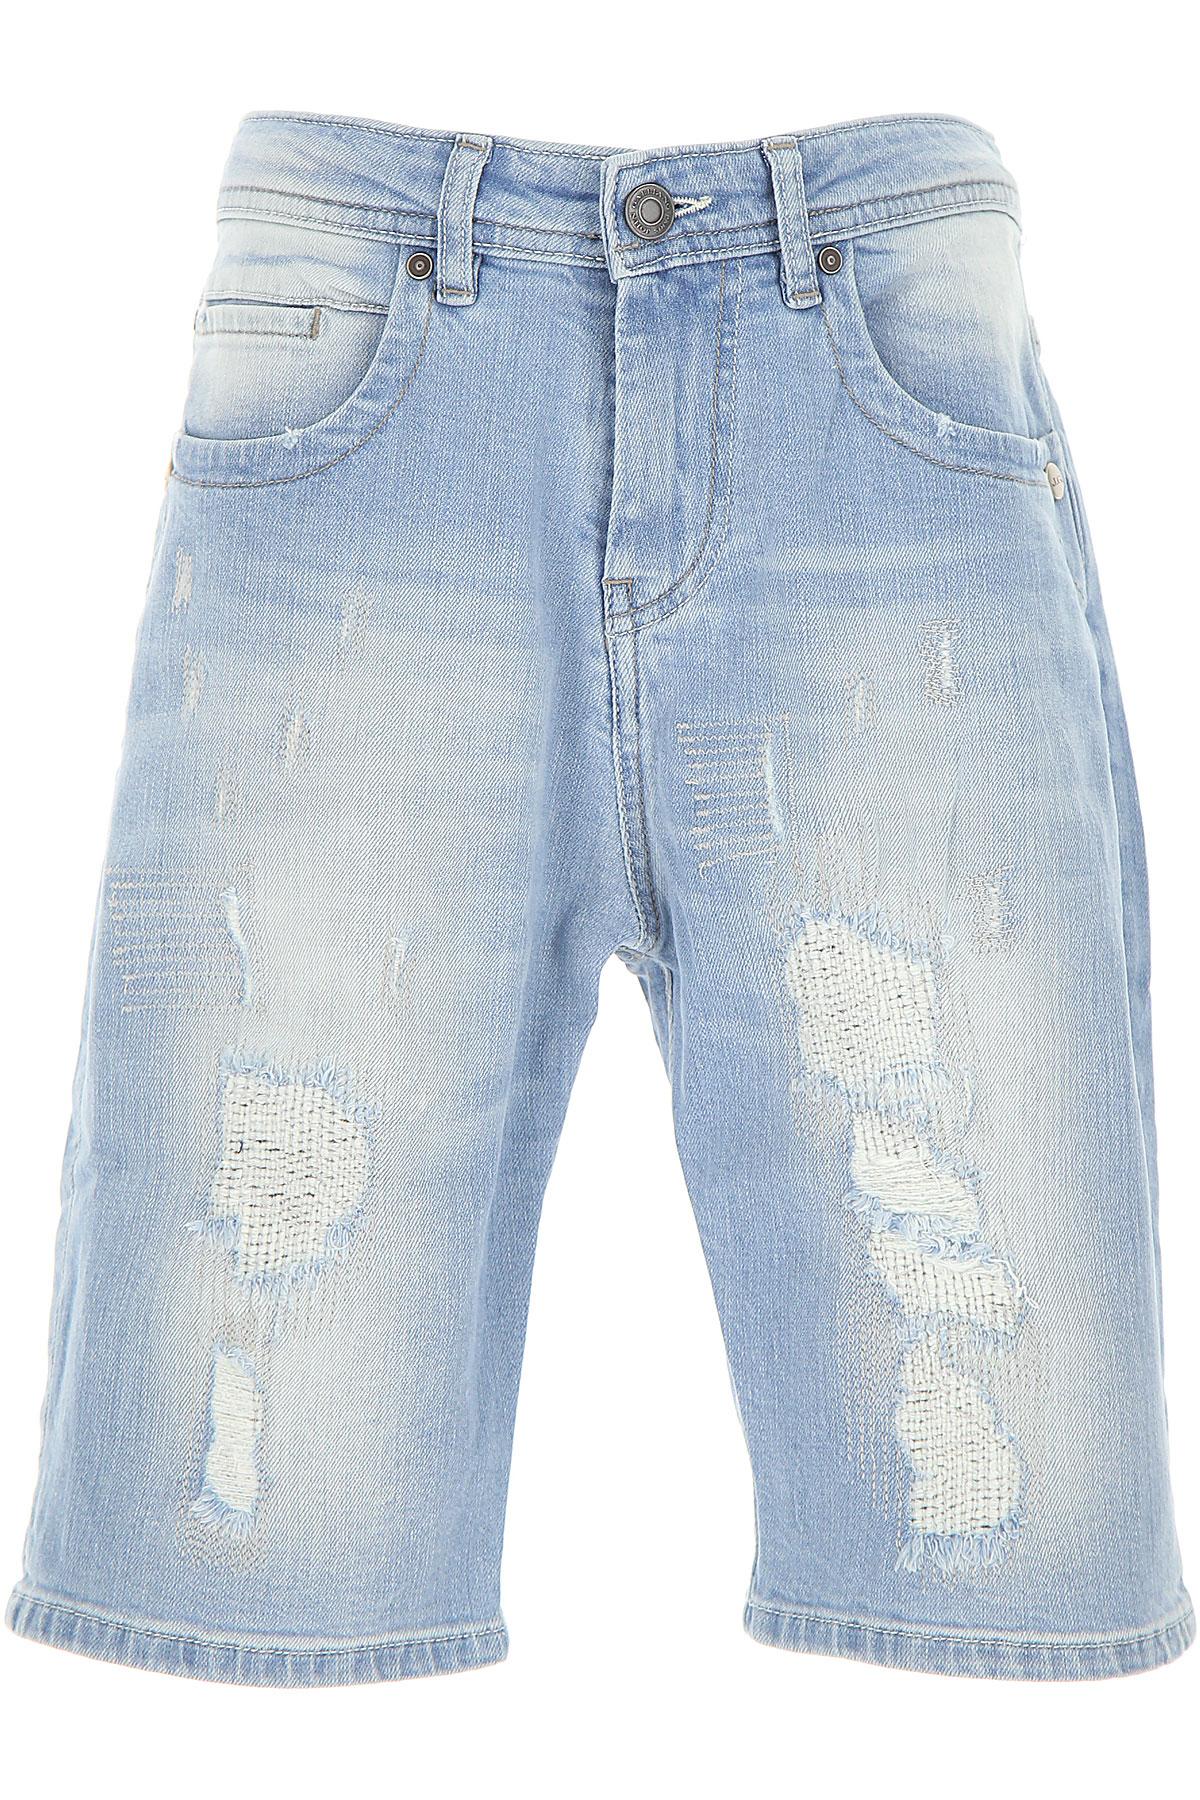 Galliano Kids Shorts for Boys On Sale, Denim Light Blue, Cotton, 2019, 14Y 4Y 6Y 8Y